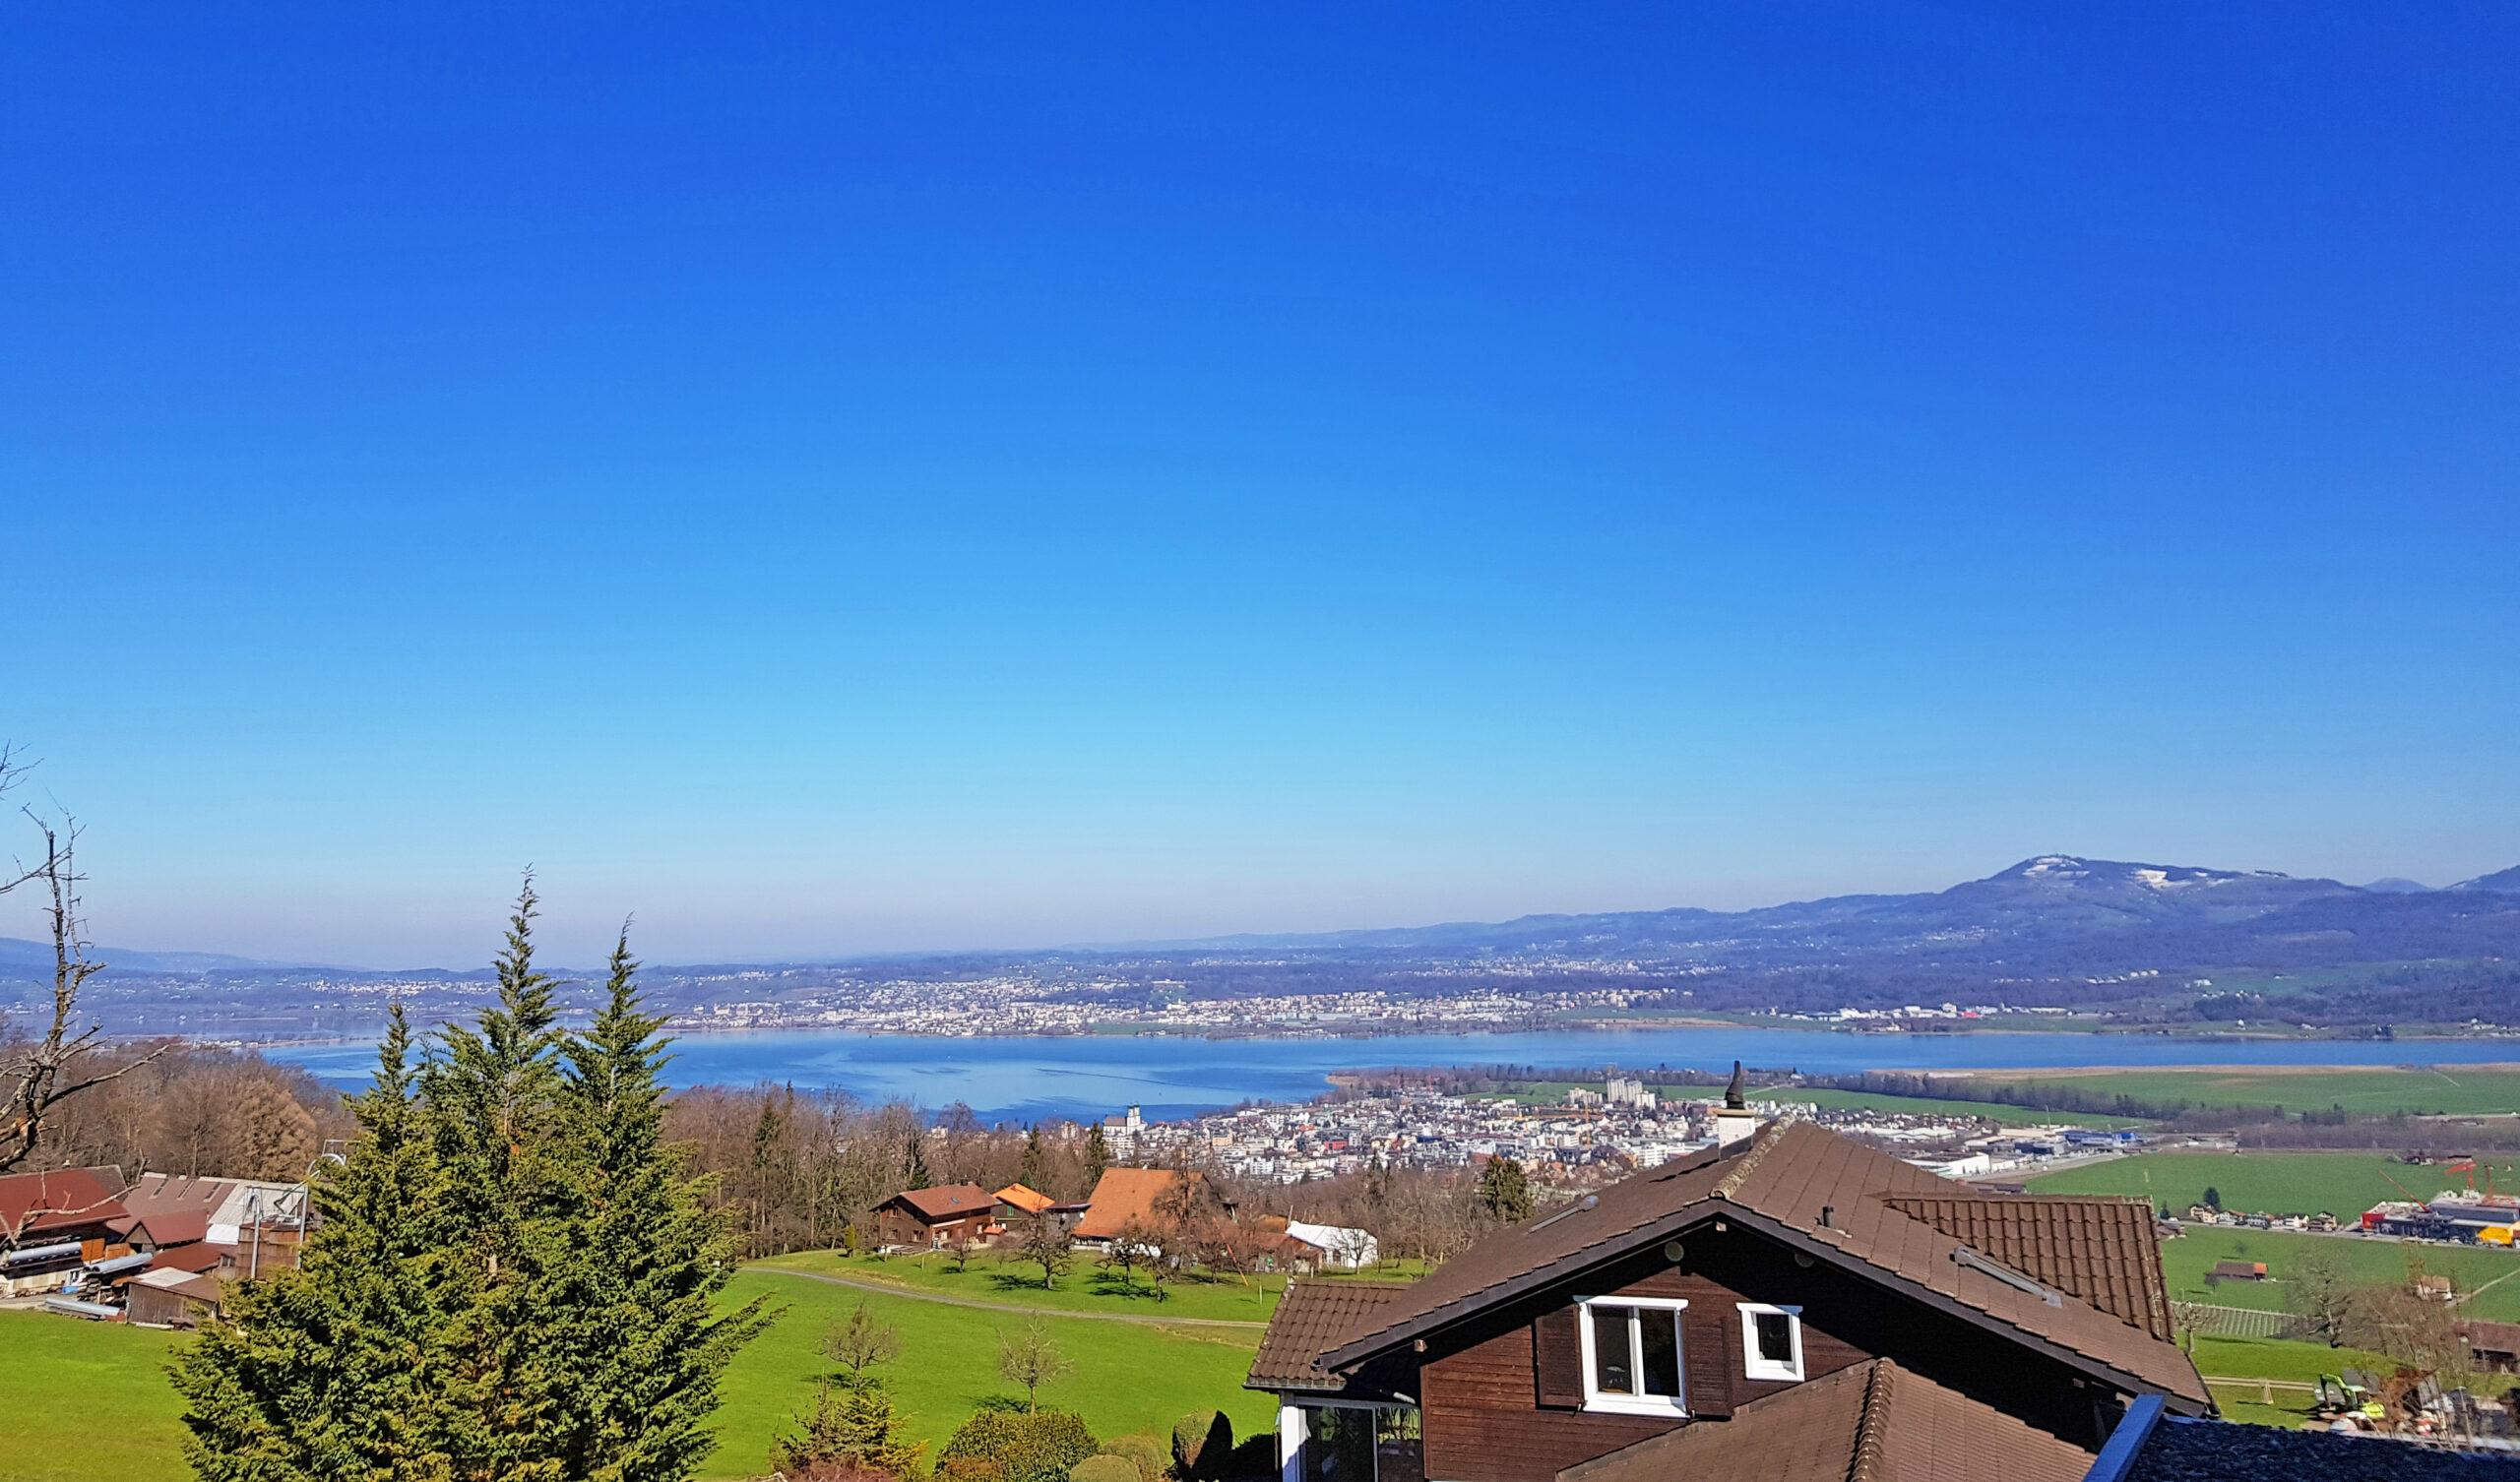 Lake view – Bauland mit unendlicher Weitsicht